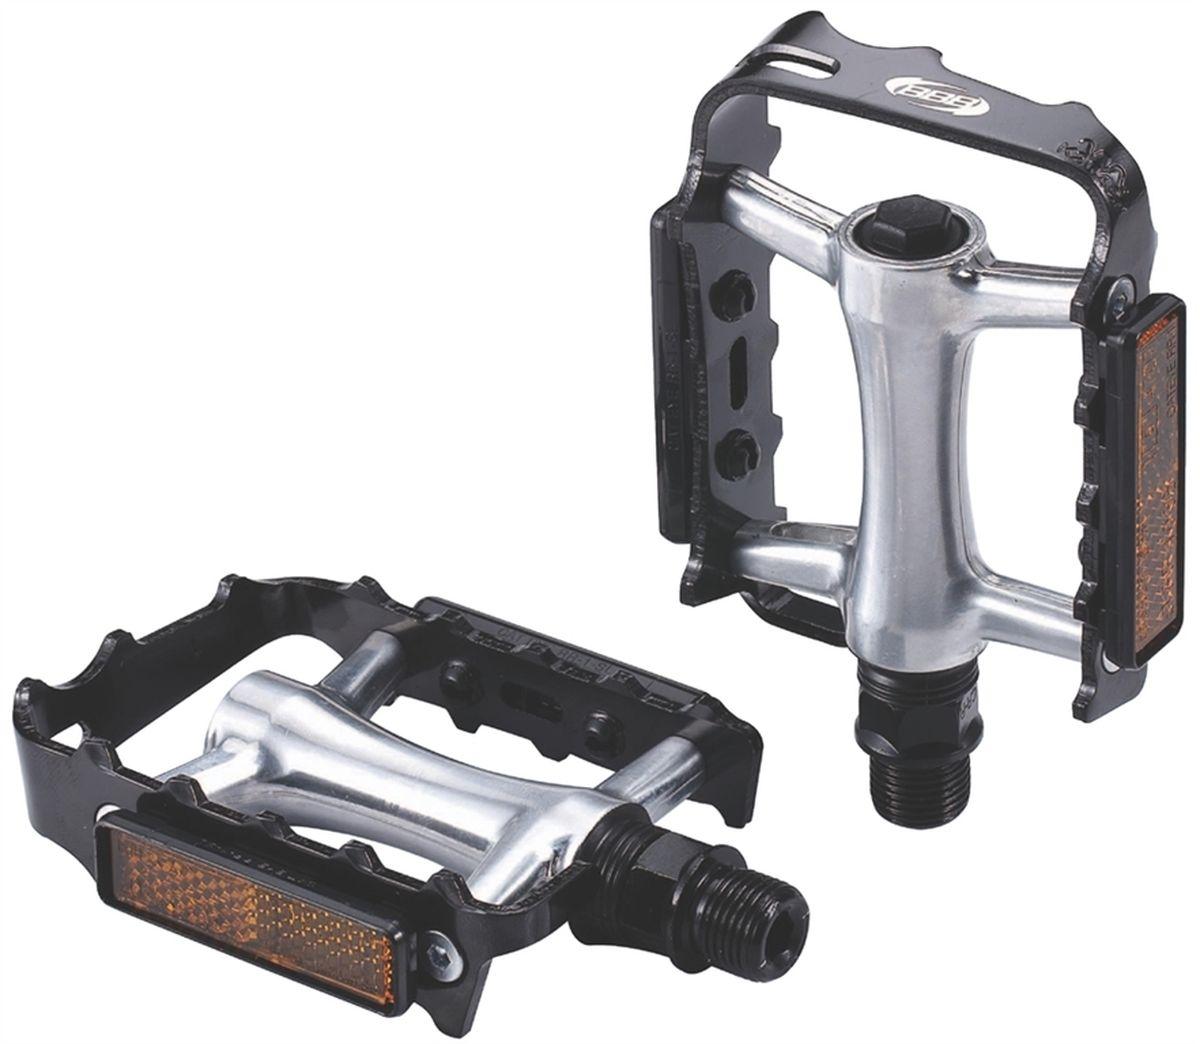 Педали BBB MTB ClassicRide, цвет: черный, стальной, 2 штMHDR2G/ABBB MTB ClassicRide - это модернизированная версия классических алюминиевых педалей. Прочная ось выполнена из хроммолибденовой стали. Промышленные подшипники не нуждающиеся в обслуживании. Рамка с зубцами обеспечивает лучший контакт. Съемные отражатели помогают увидеть вас в темное время суток.